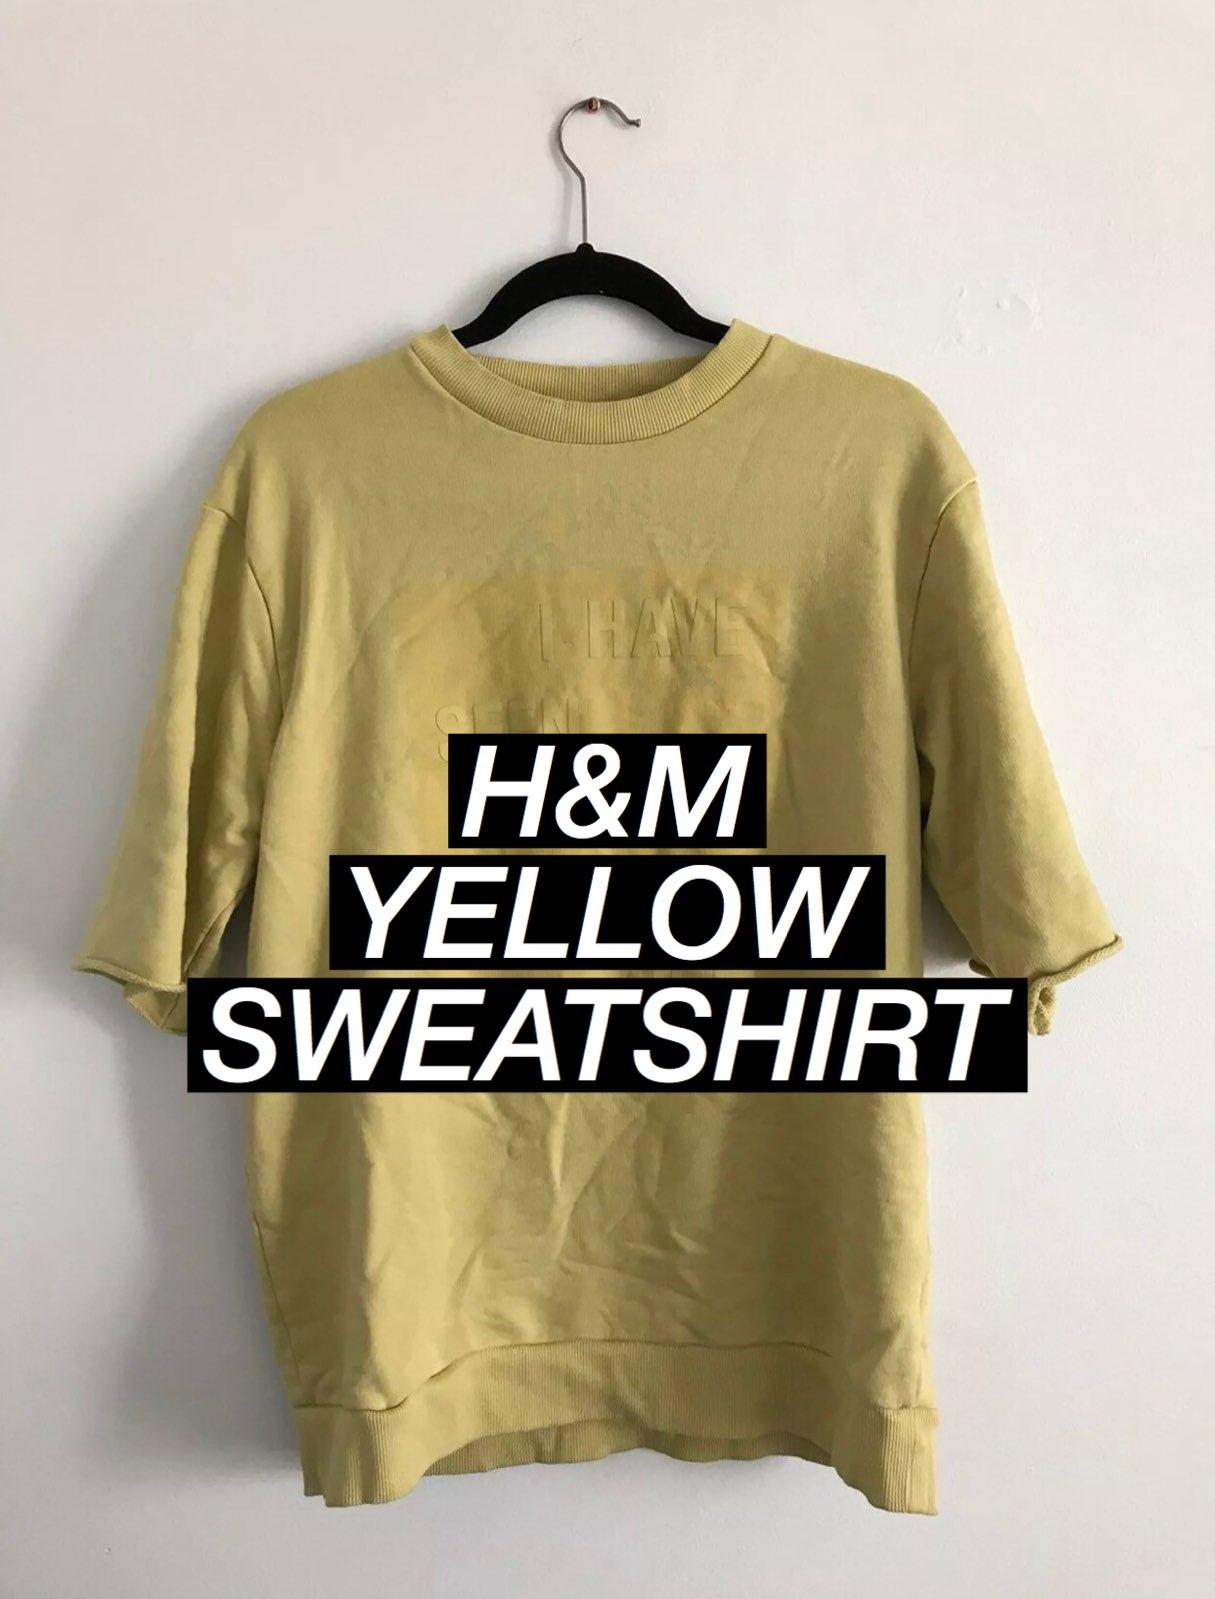 H&M Men Yellow Short Sleeve Sweater - Mercari: BUY & SELL THINGS ...